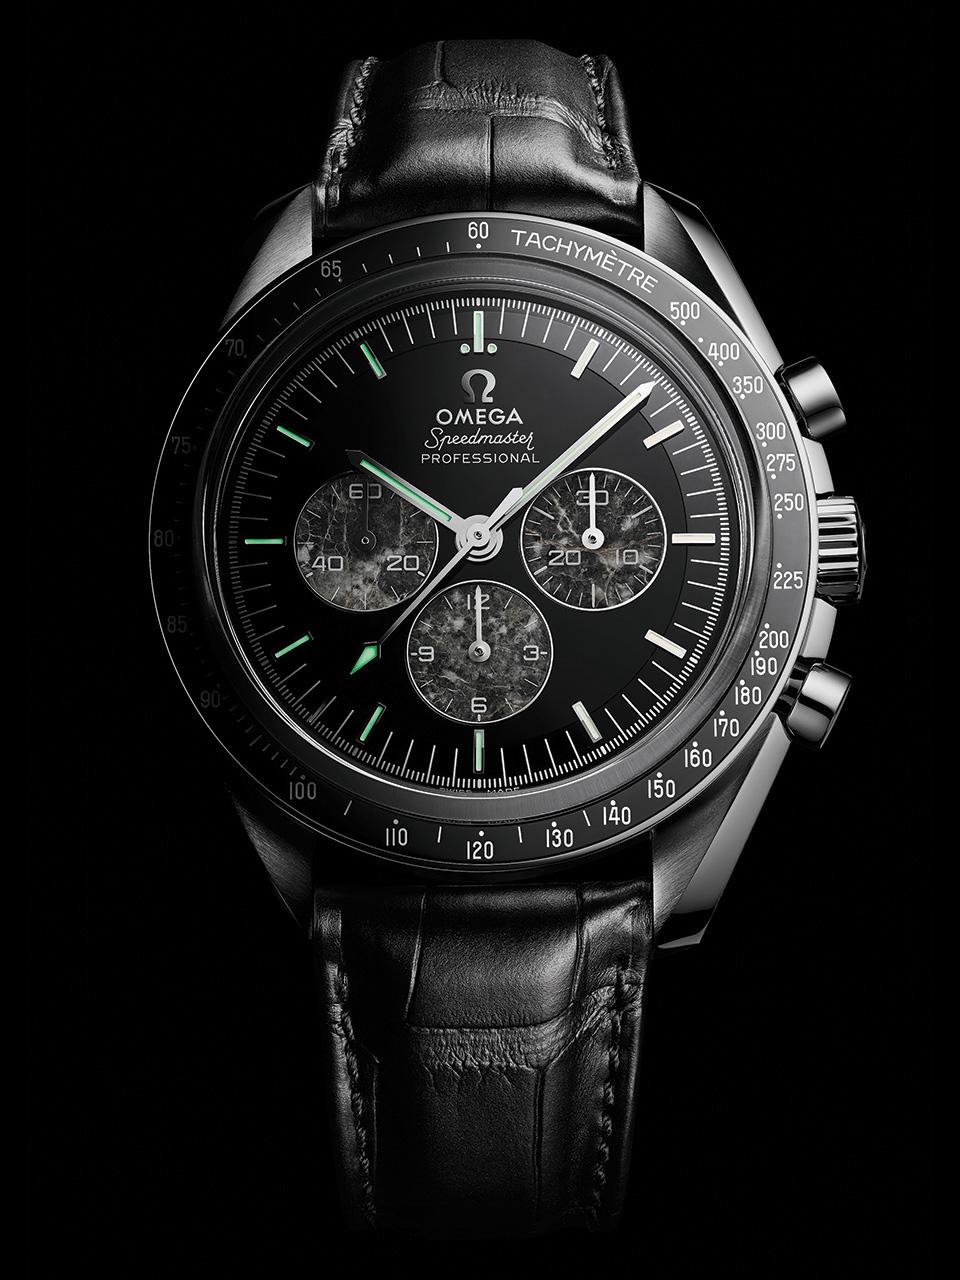 Omega Speedmaster Moonwatch con correas negras, caratula plateada y dial negro con tres subesferas